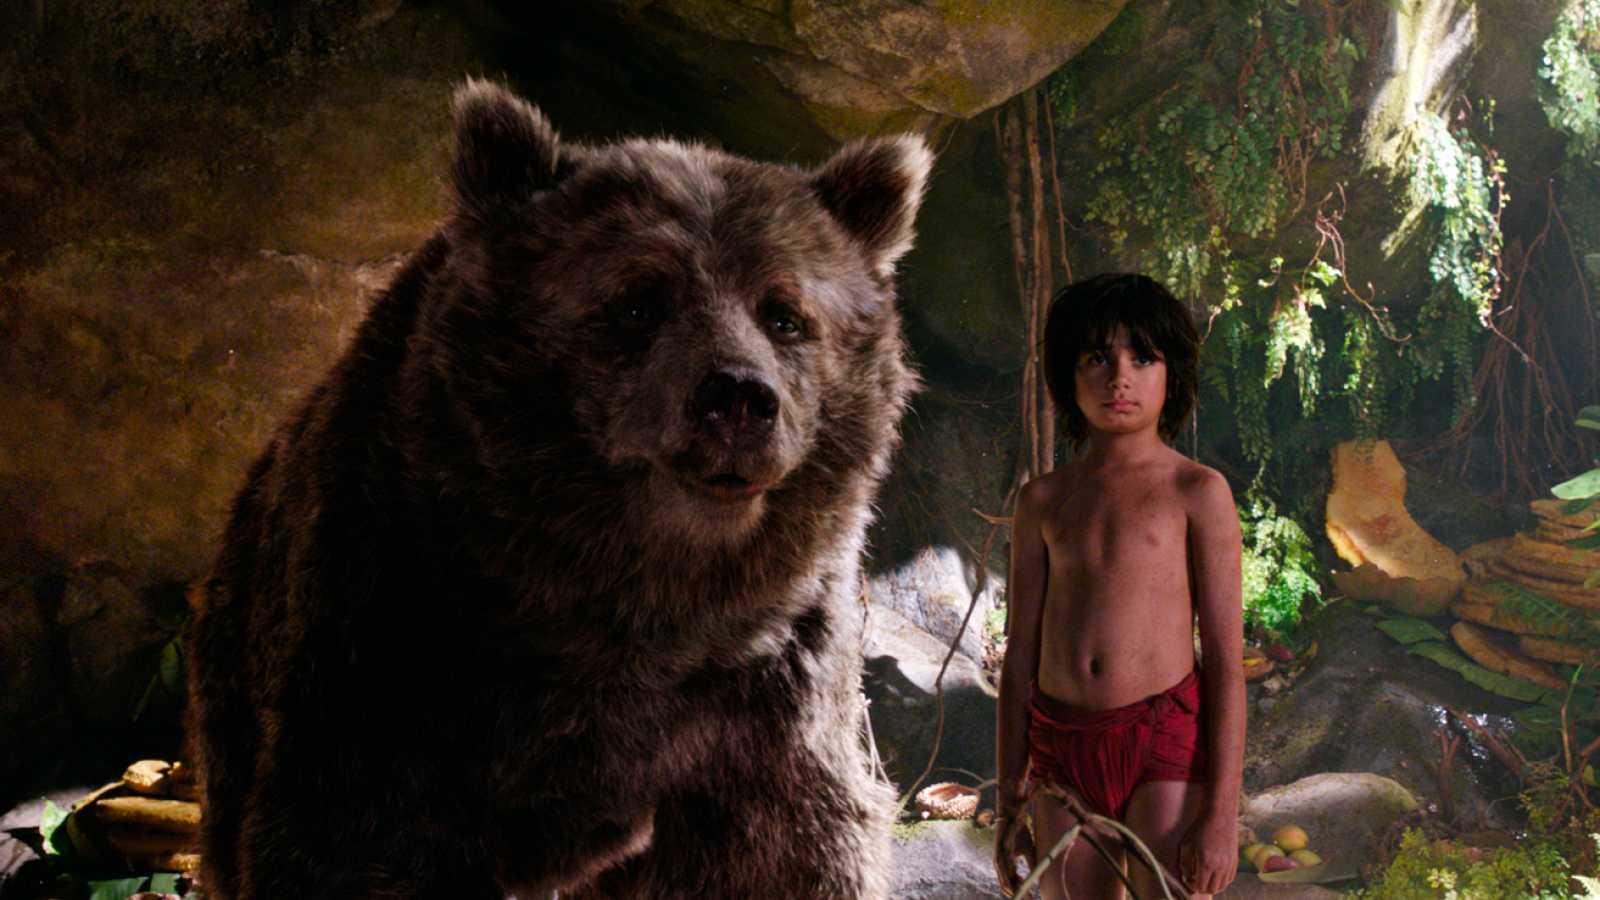 RTVE.es os ofrece un clip exclusivo de 'El libro de la selva', de Disney -  RTVE.es